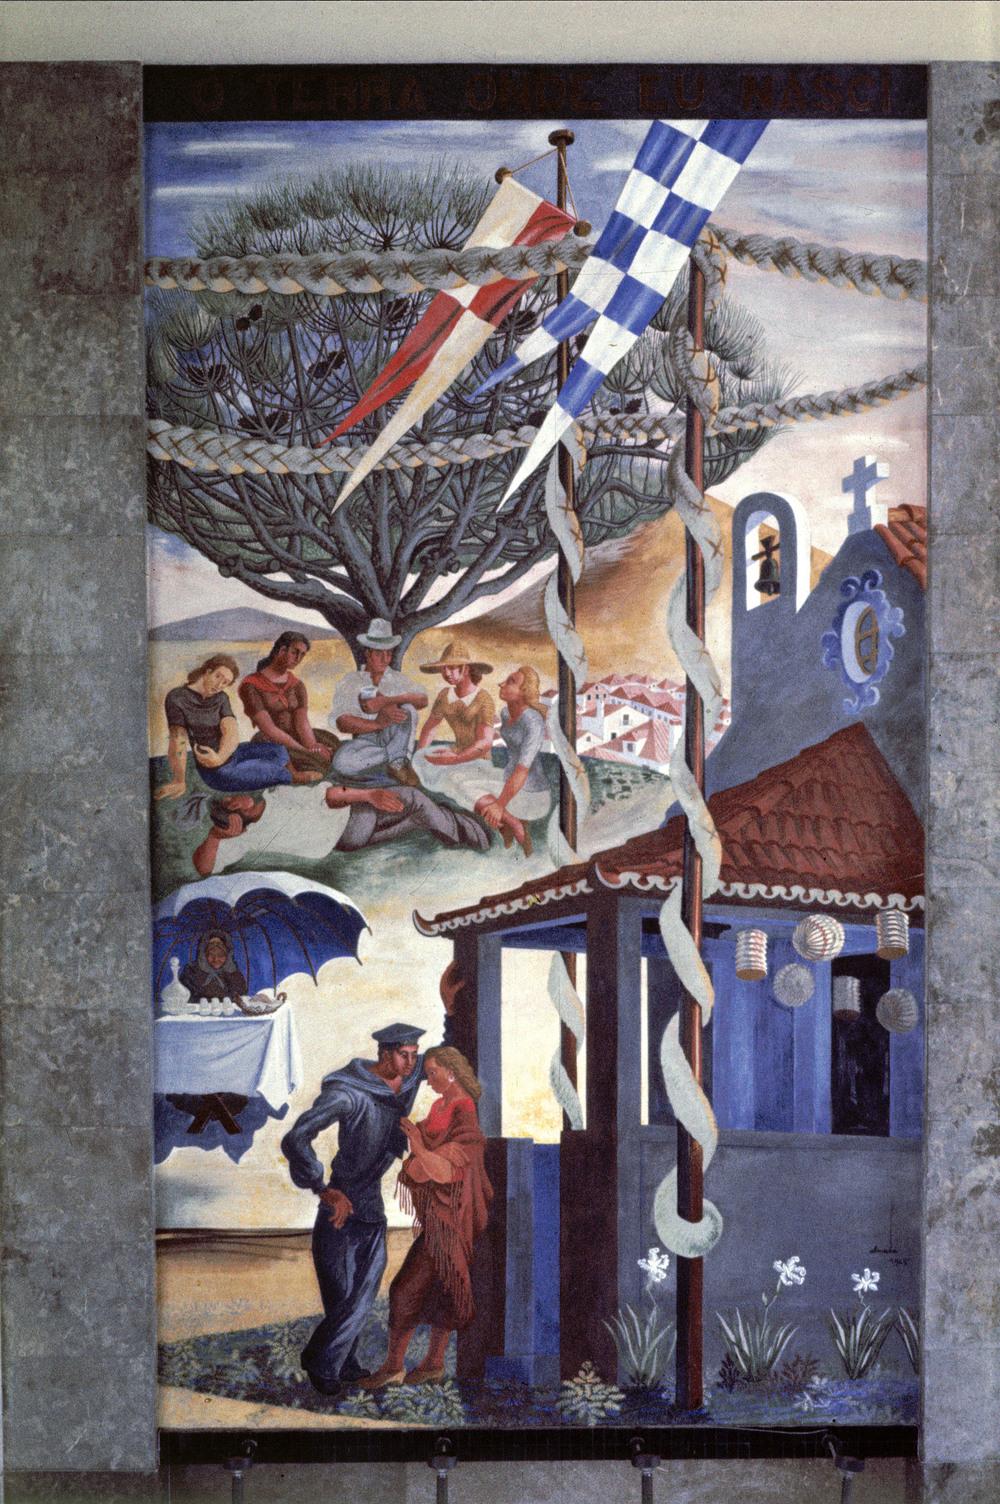 """""""Ó terra onde eu nasci"""" (""""O land where I was born"""") Artist: José de Almada Negreiros  Photo: Mário Novais, ca. 1943-1945, Lisbon  [CFT003_098025]"""